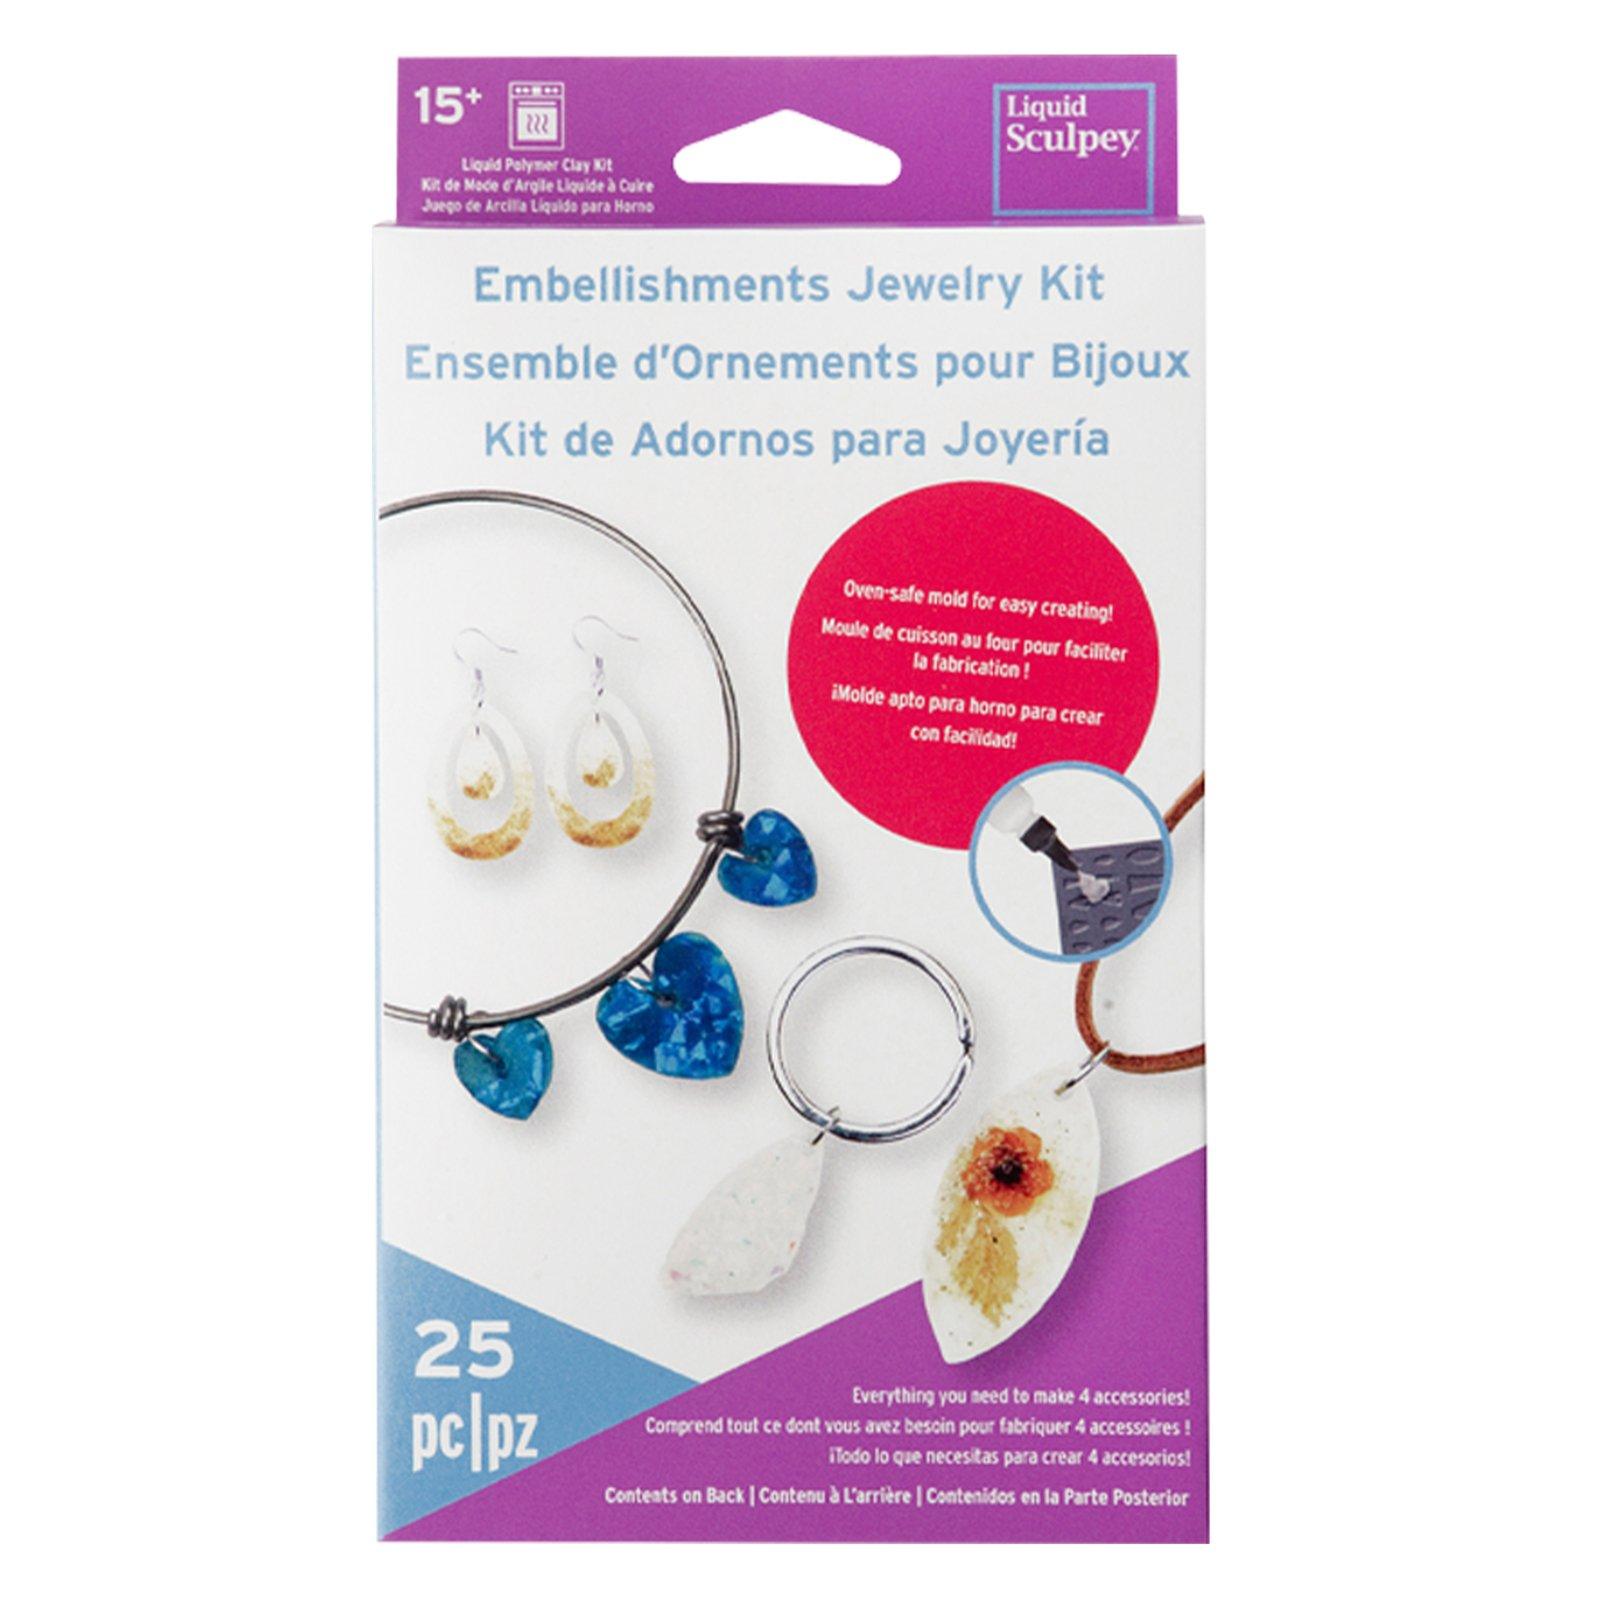 Liquid Sculpey Embellishment Jewelry Kit